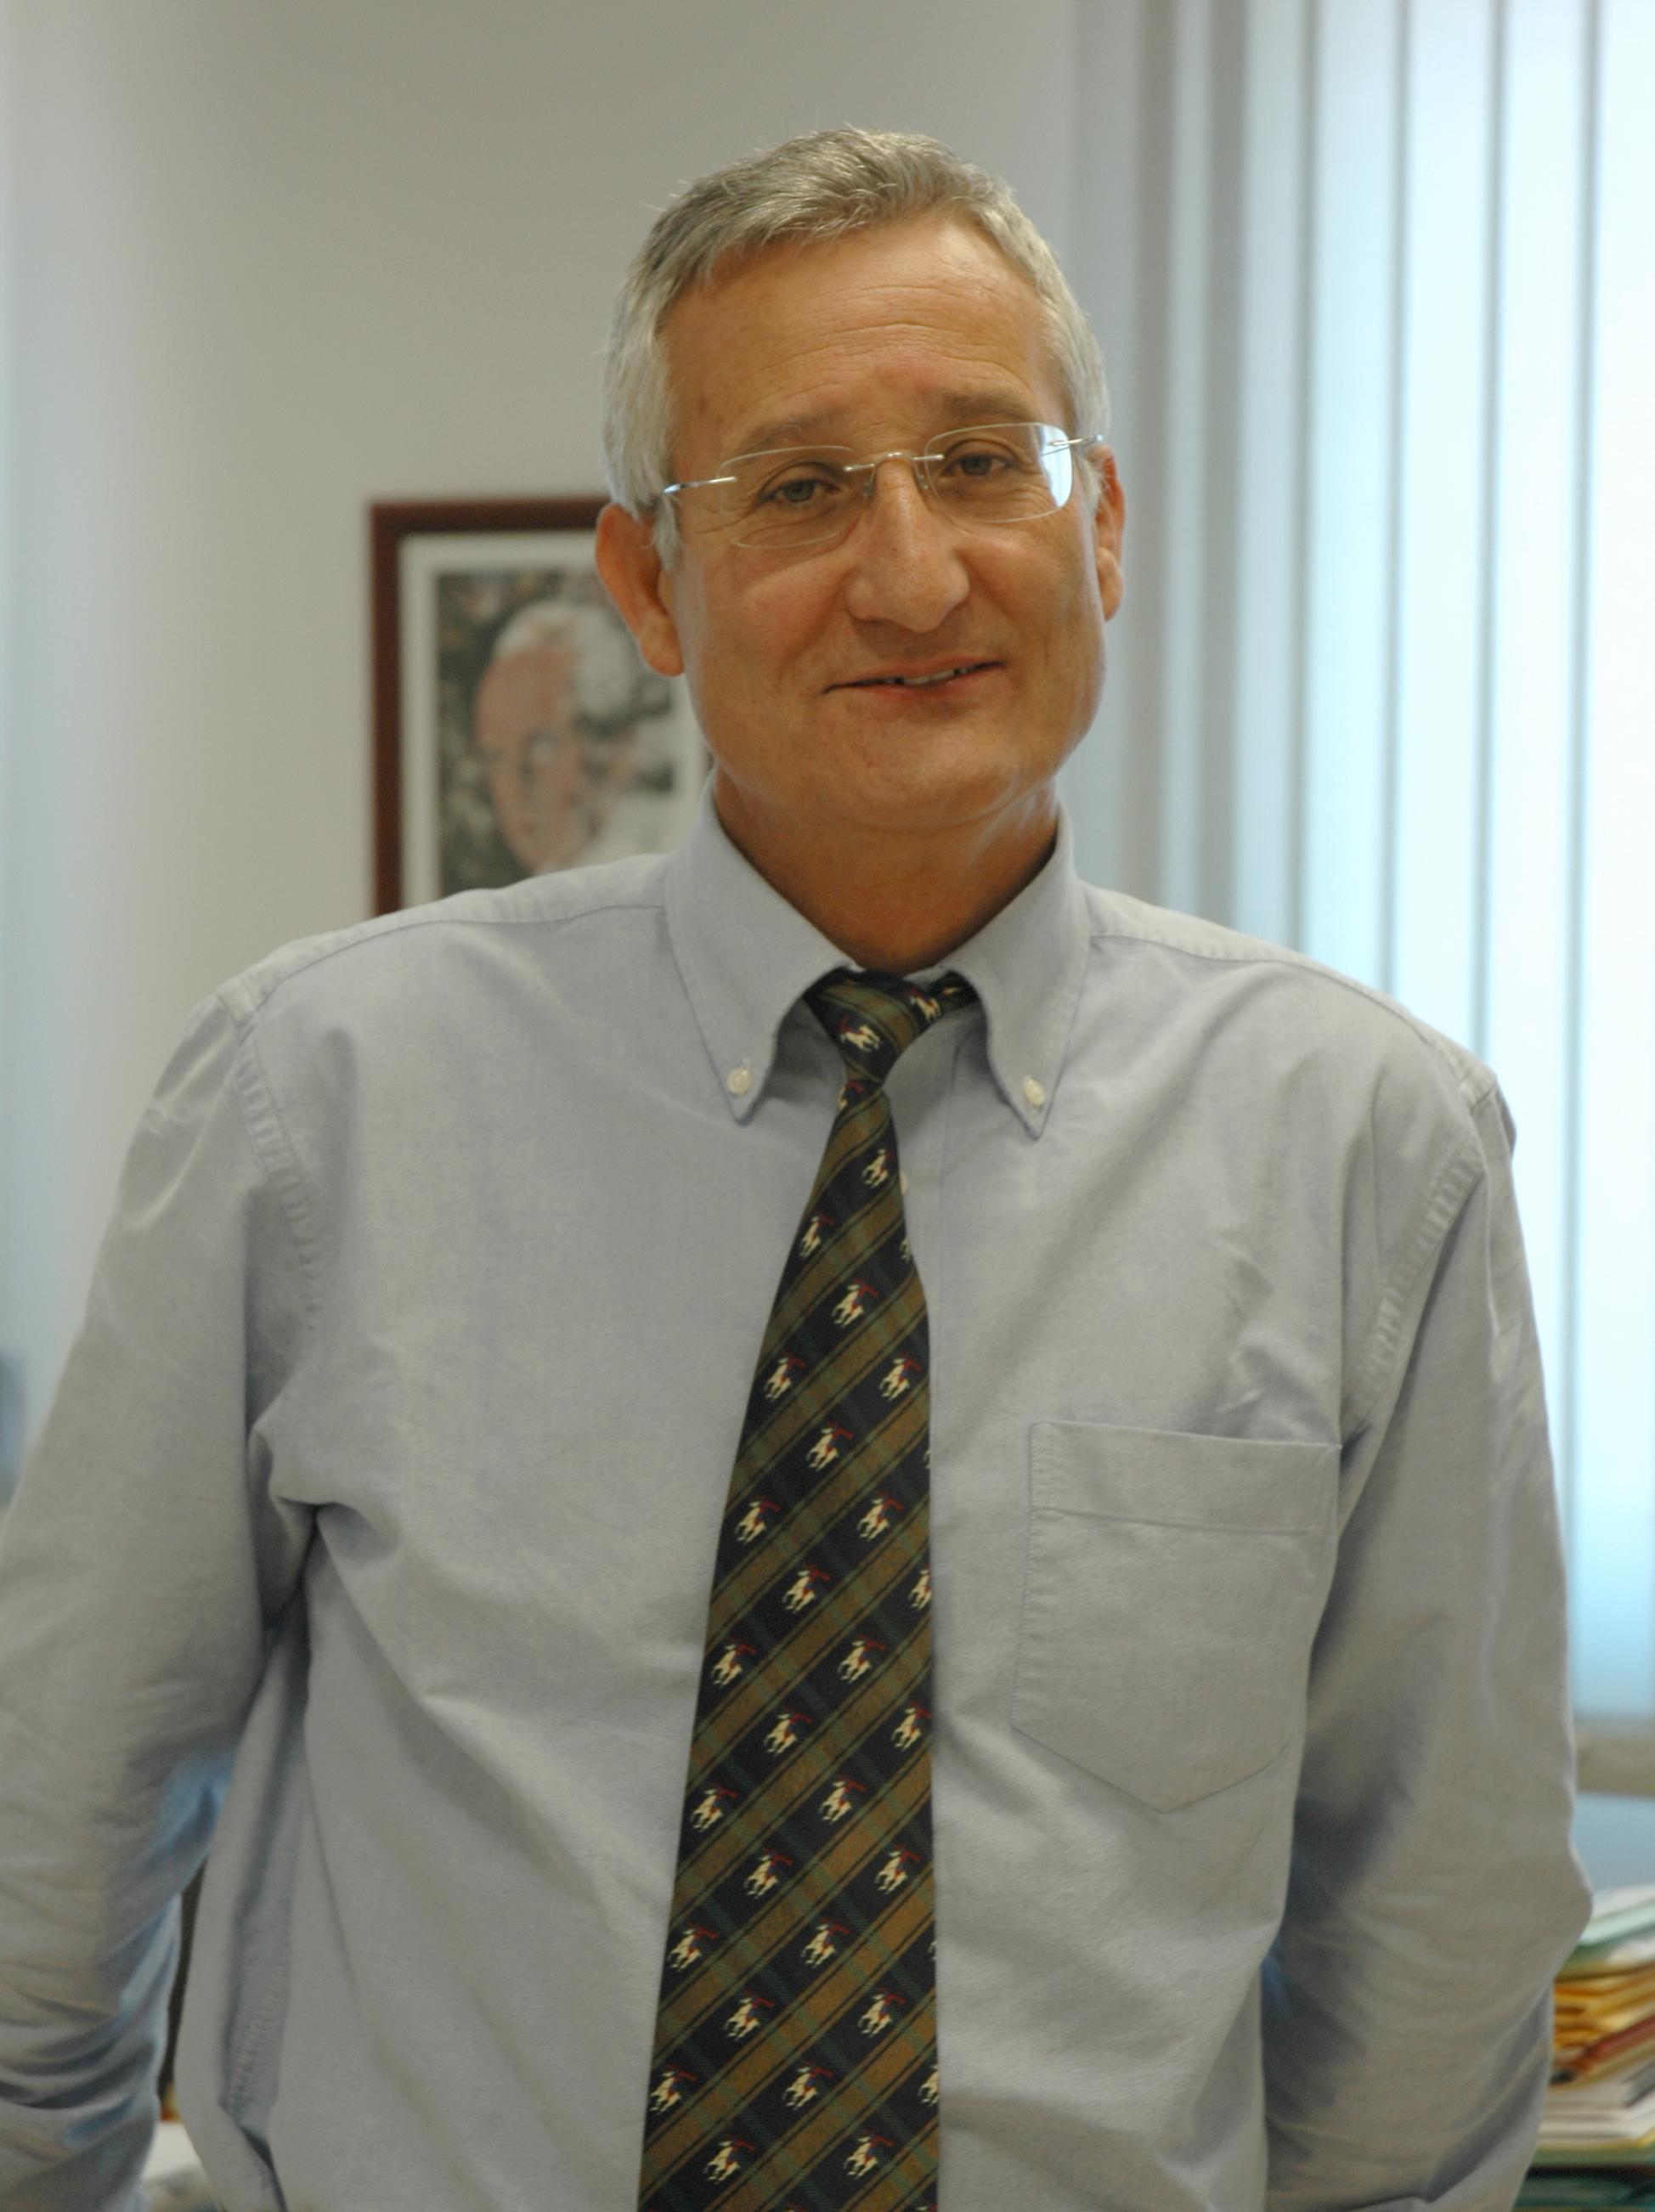 El investigador del Centro de Investigación del Cáncer Eugenio Santos galardonado con el premio FUNDALUCE 2012